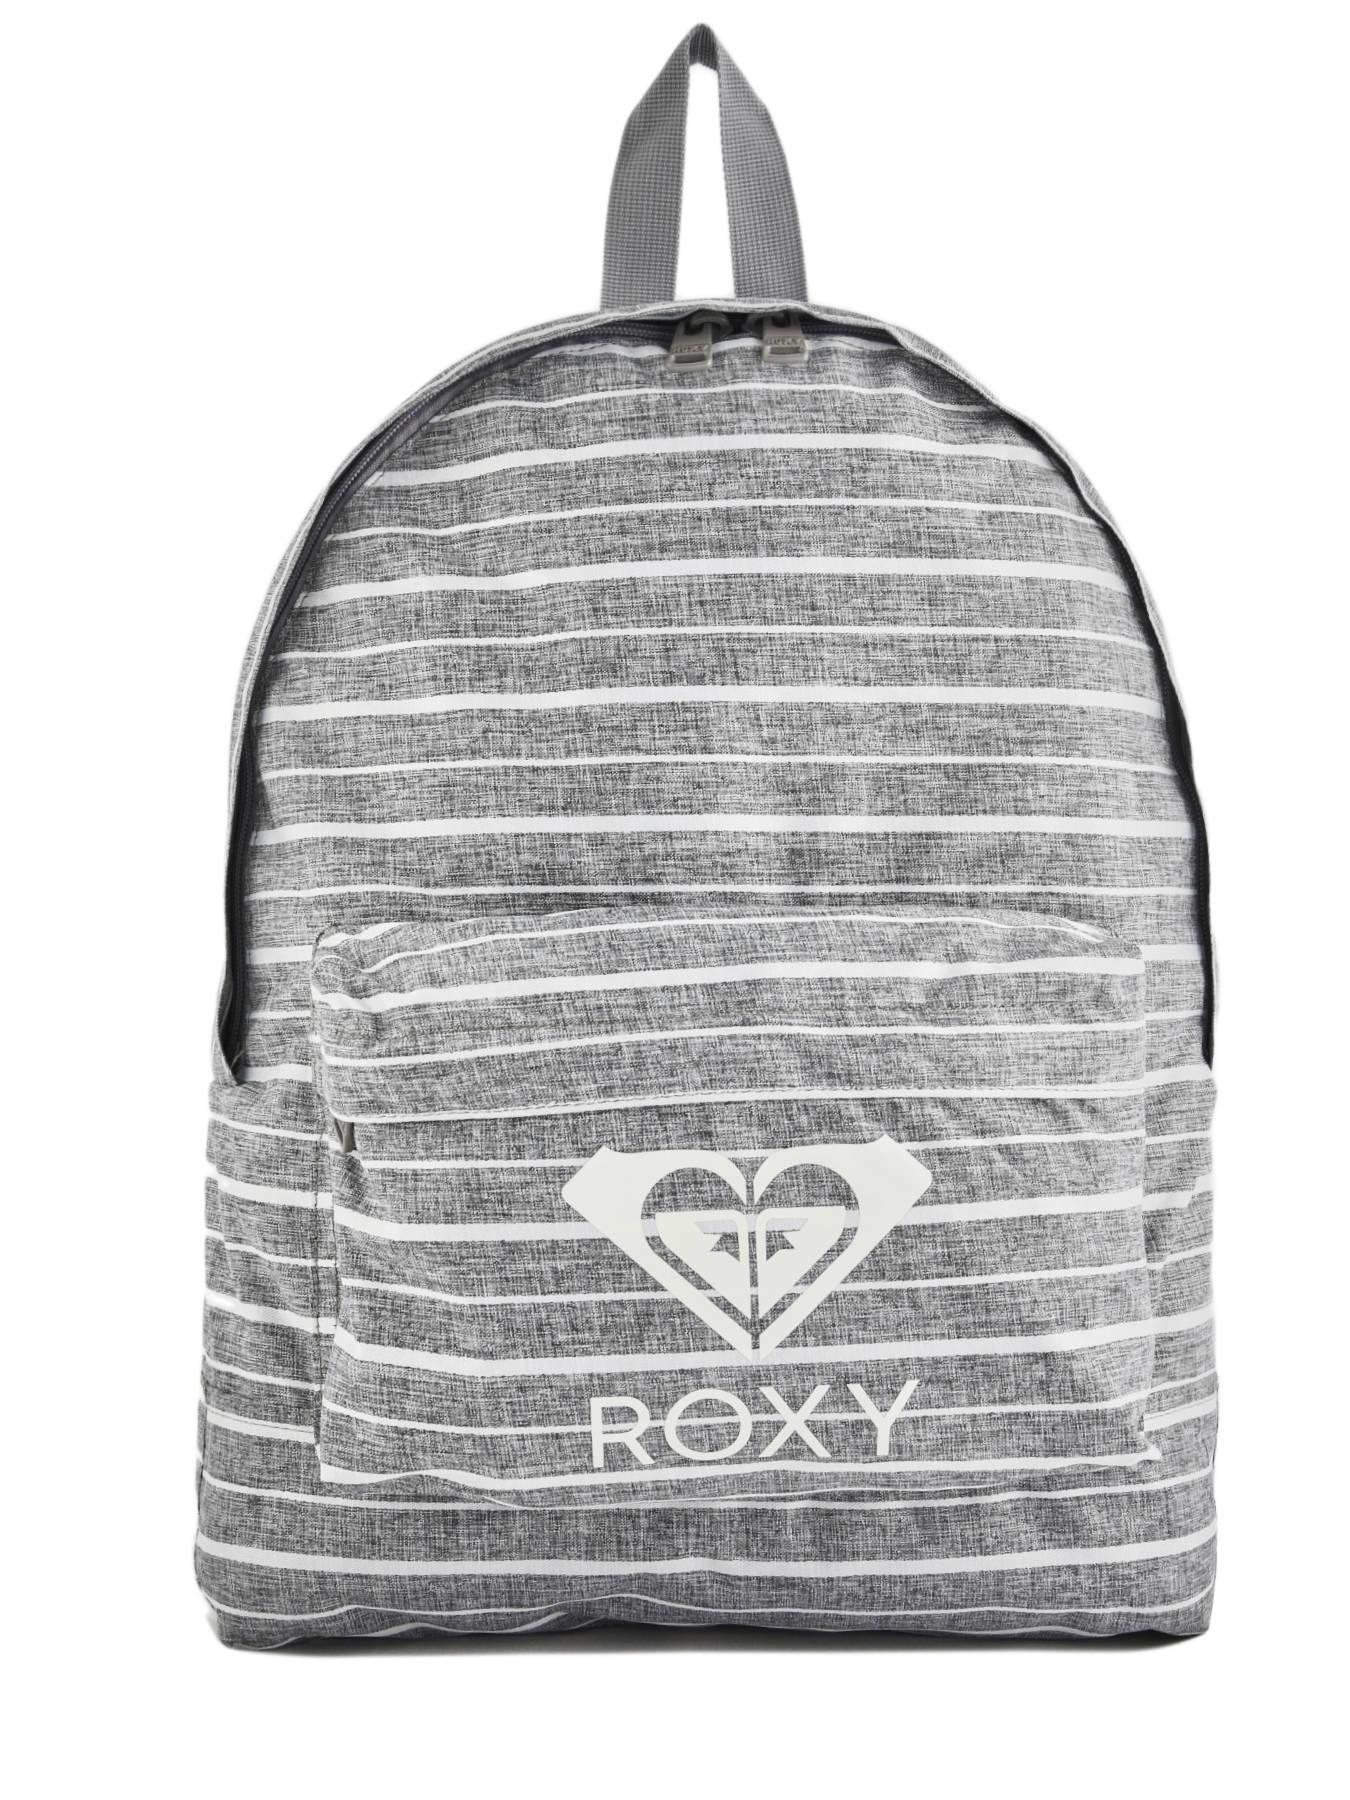 69fe78b7af2 ... Rugzak 1 Compartiment Roxy Grijs back to school RJBP3731 ...